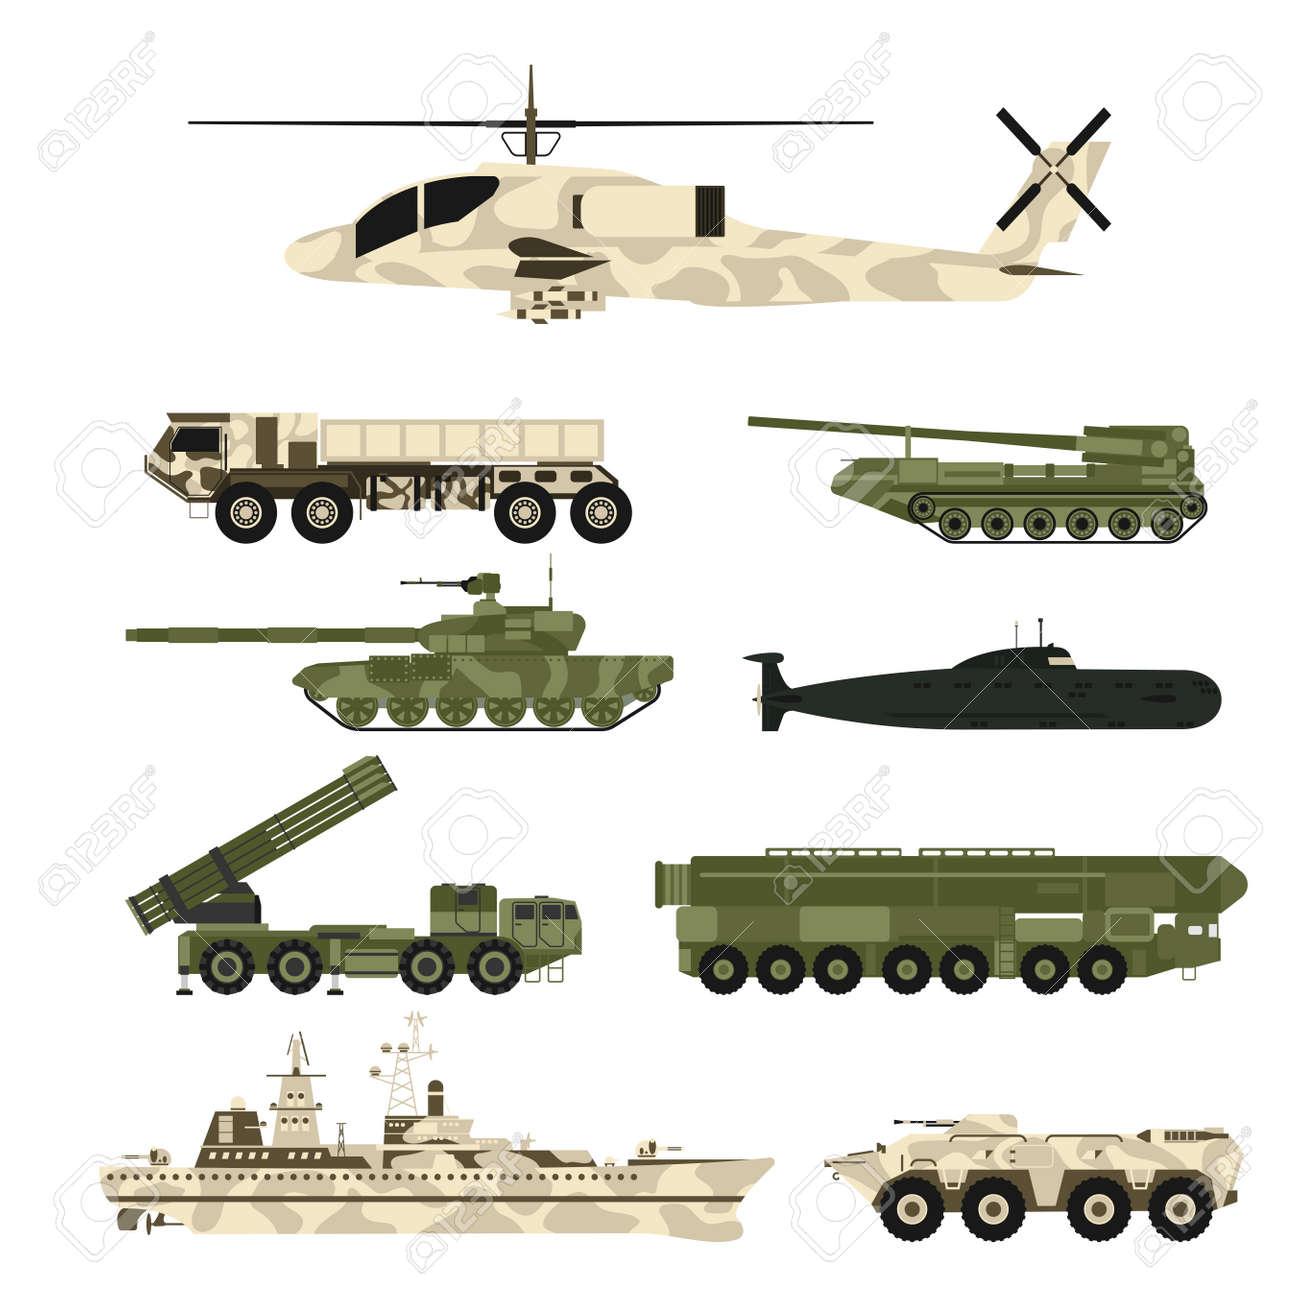 Set of war tanks graphic design illustration. - 95502915